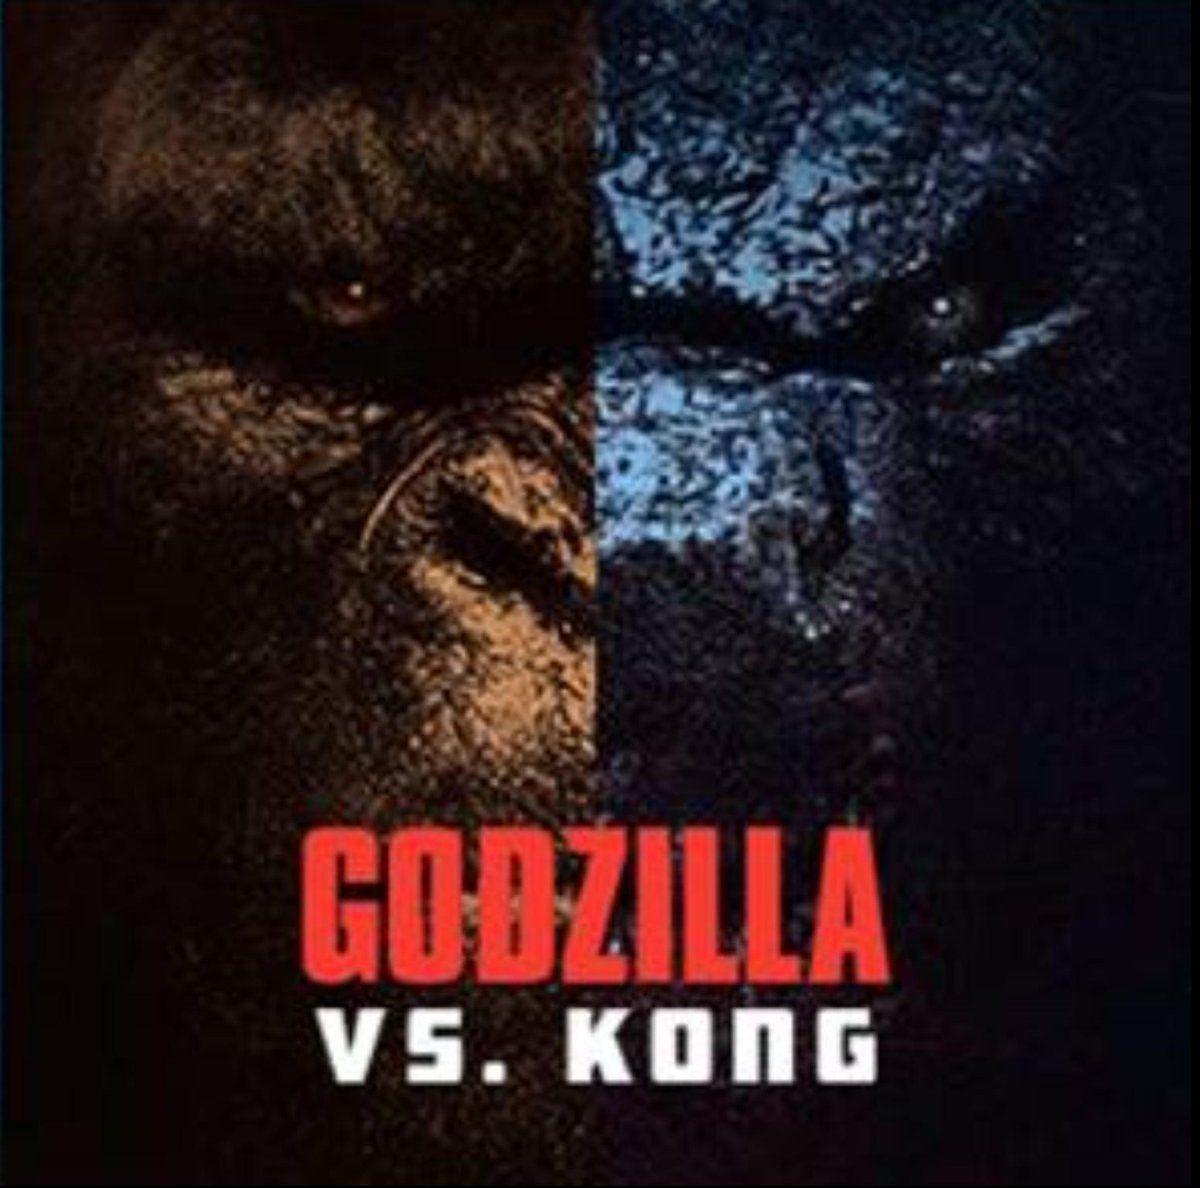 123movies Godzilla Vs Kong Full Online Free In 2021 Kong Movie King Kong Vs Godzilla Godzilla Vs